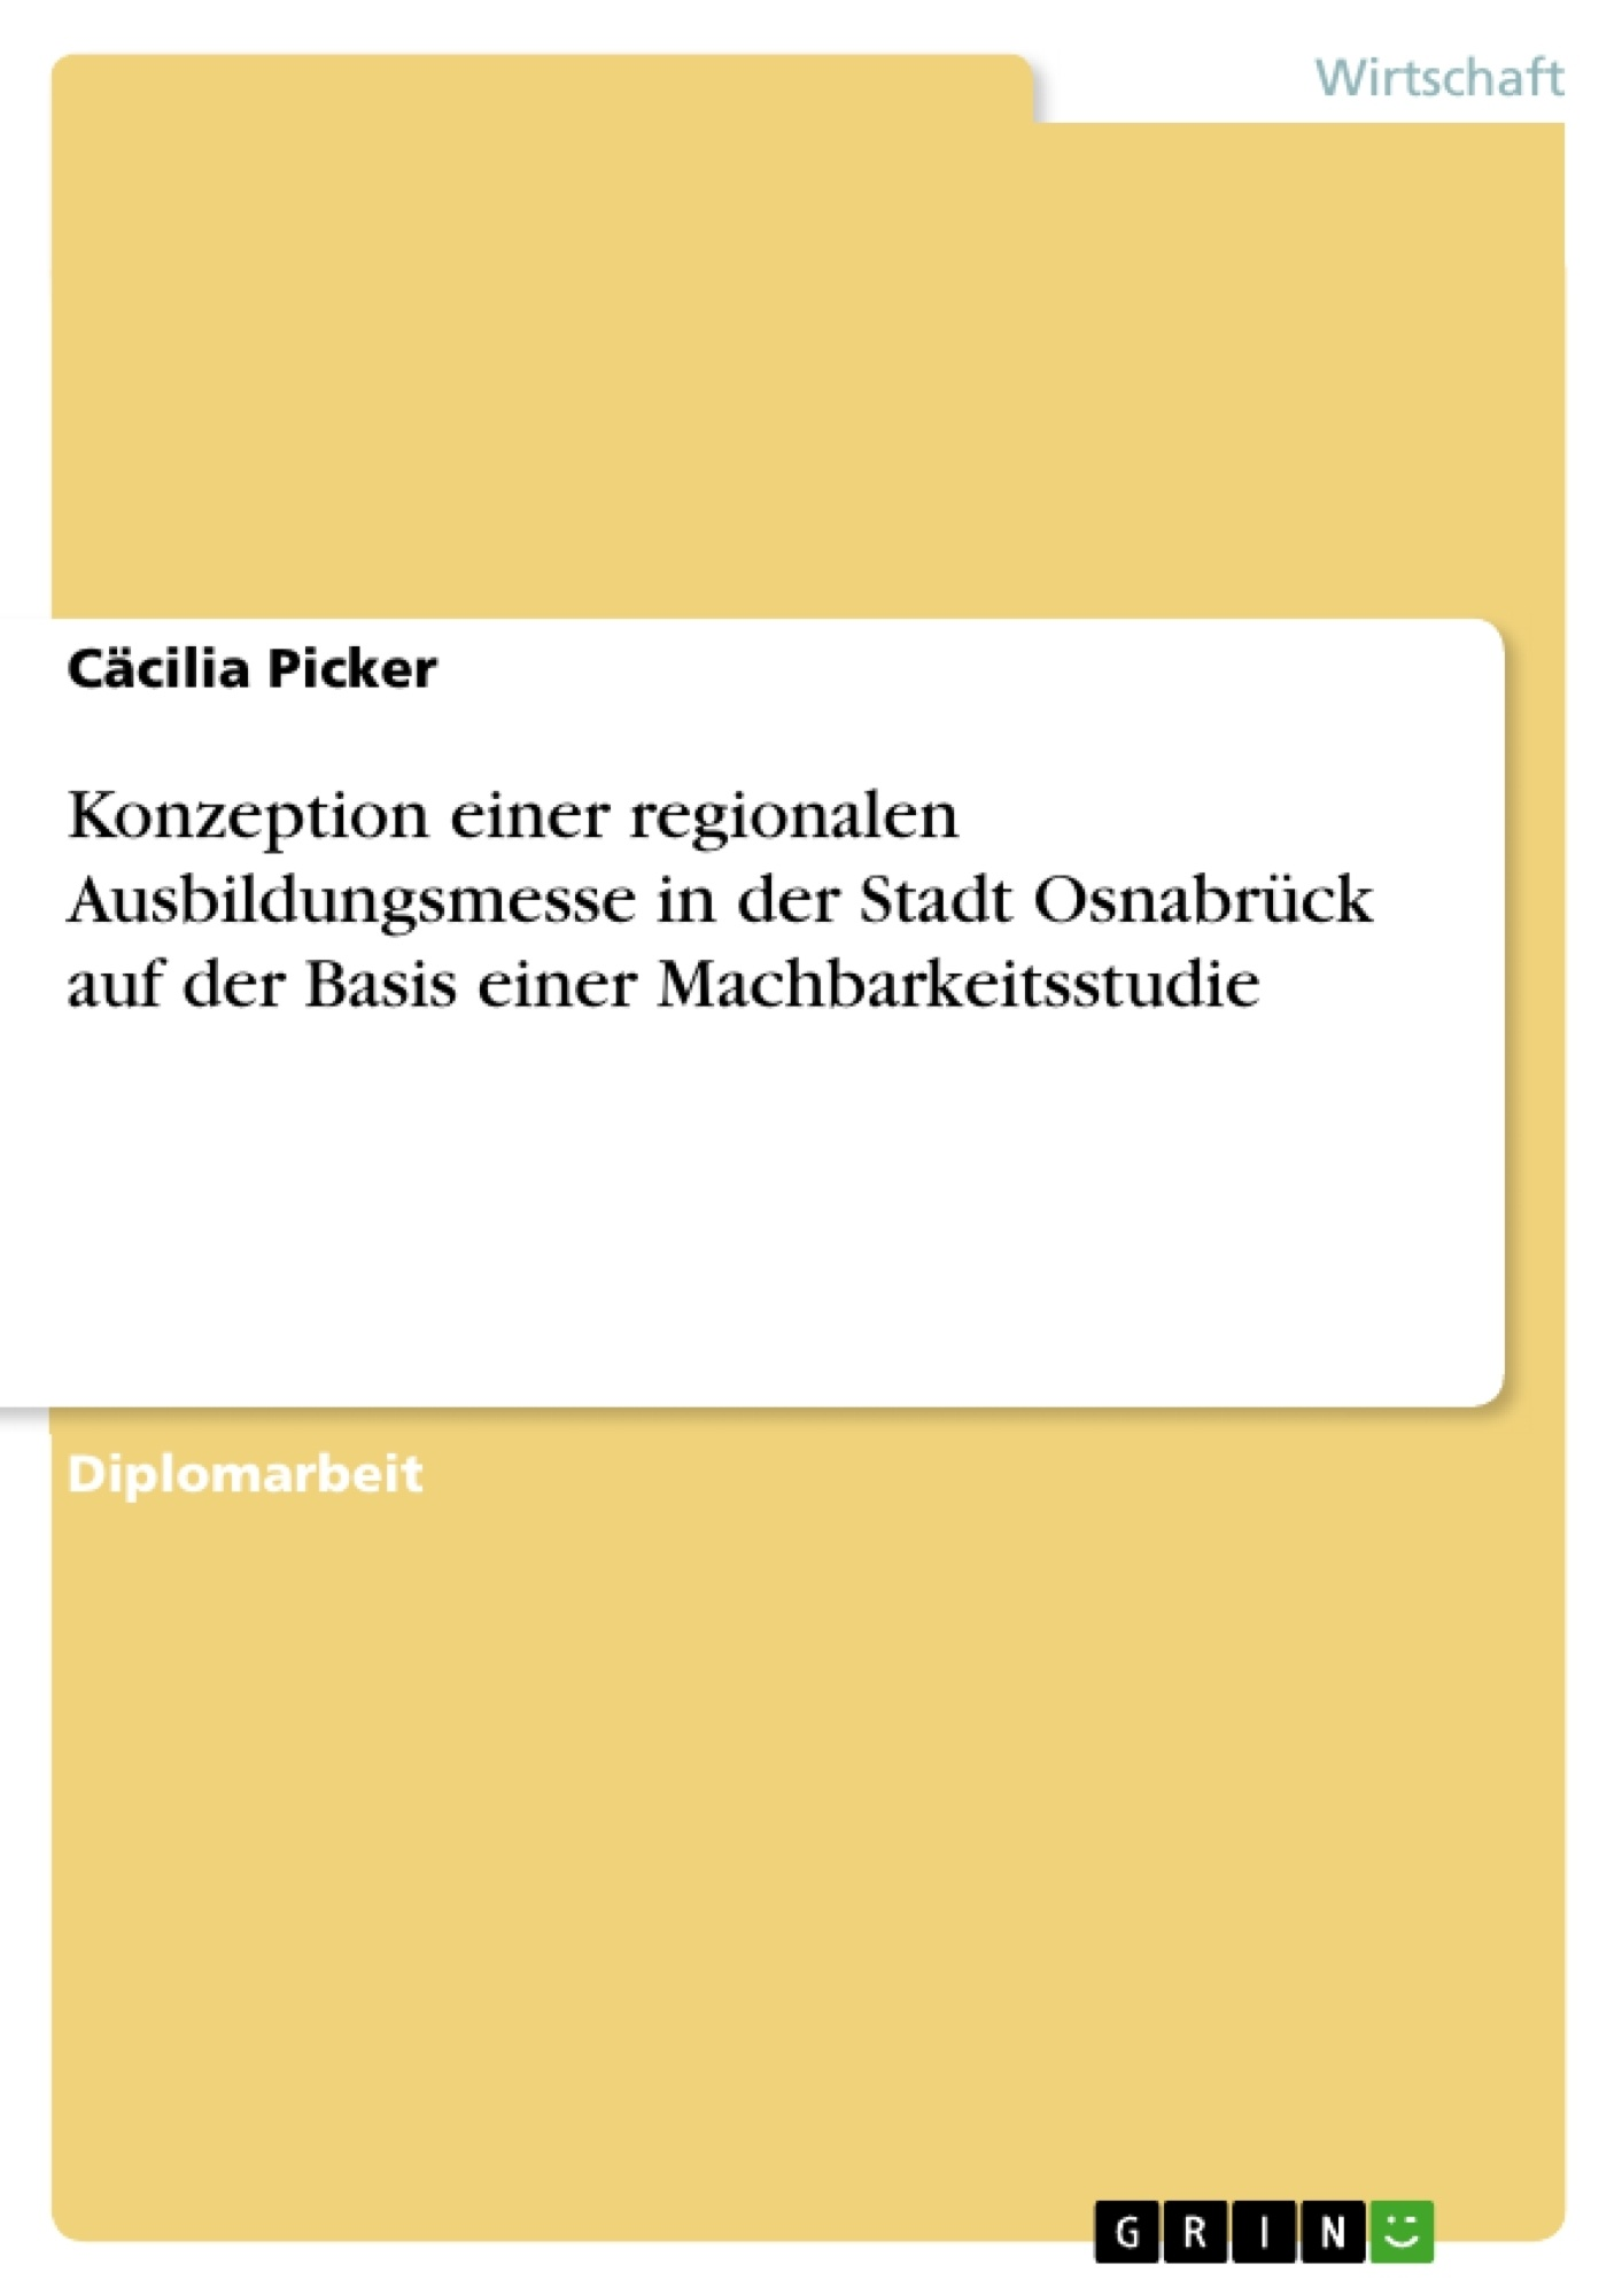 Titel: Konzeption einer regionalen Ausbildungsmesse in der Stadt Osnabrück auf der Basis einer Machbarkeitsstudie